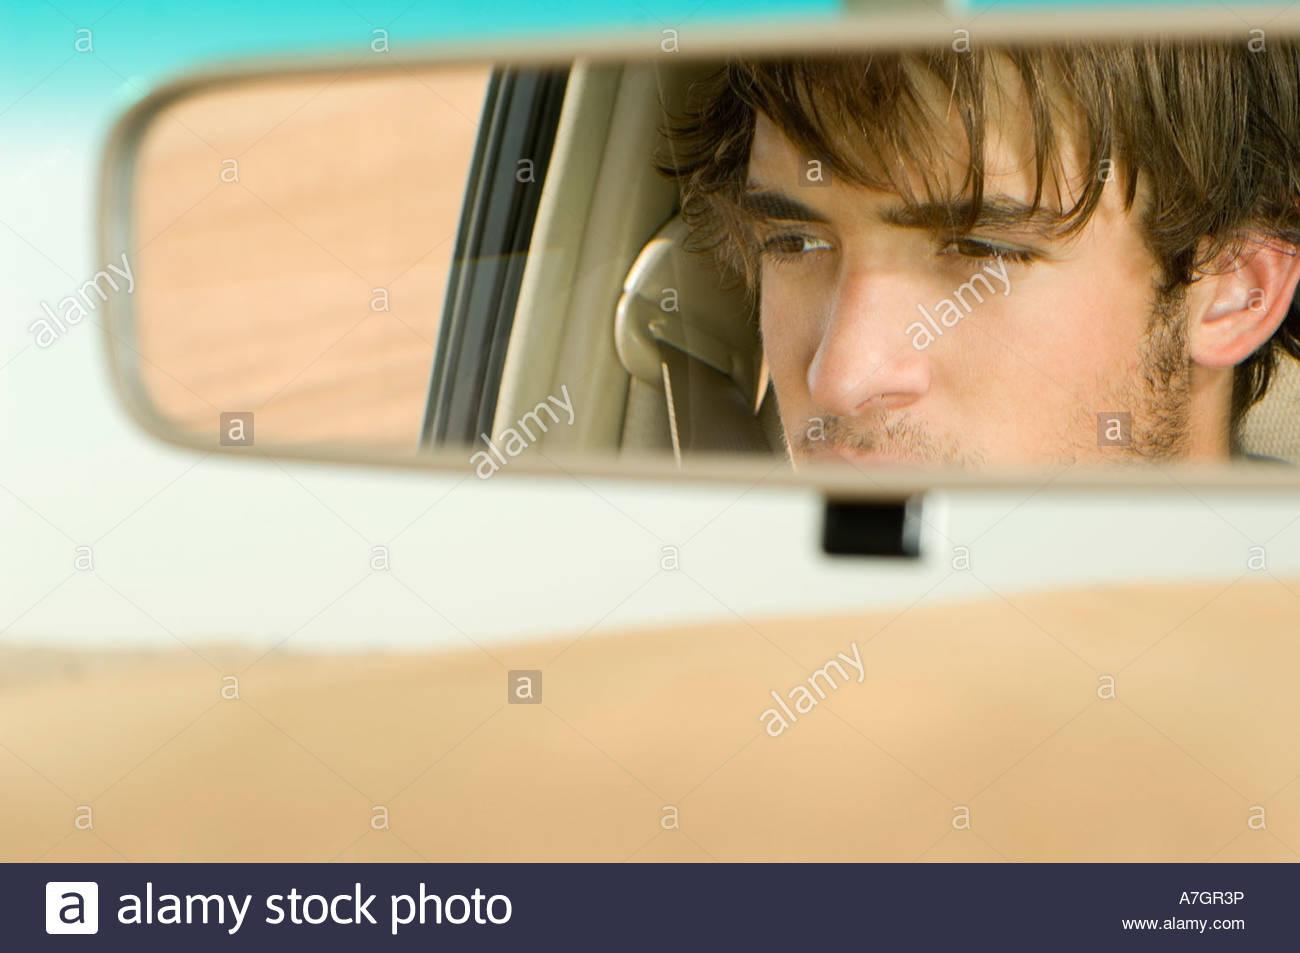 Un giovane di riflessione in uno specchio retrovisore Immagini Stock